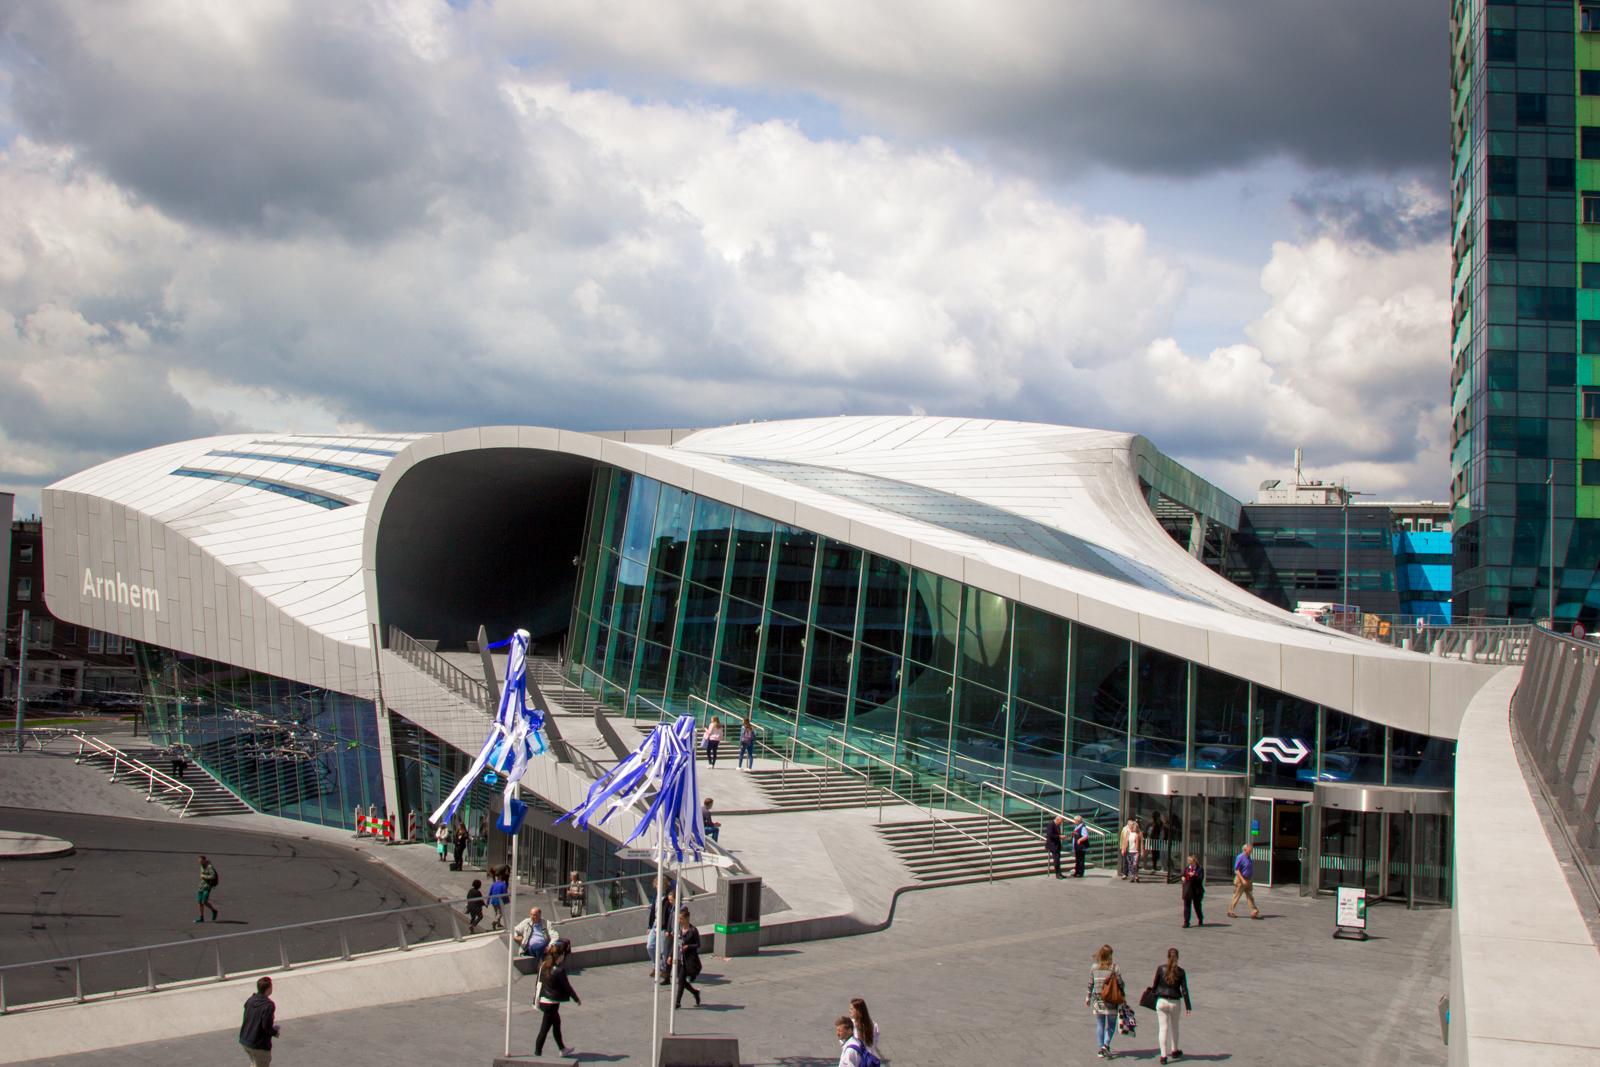 centraal_station_arnhem_4